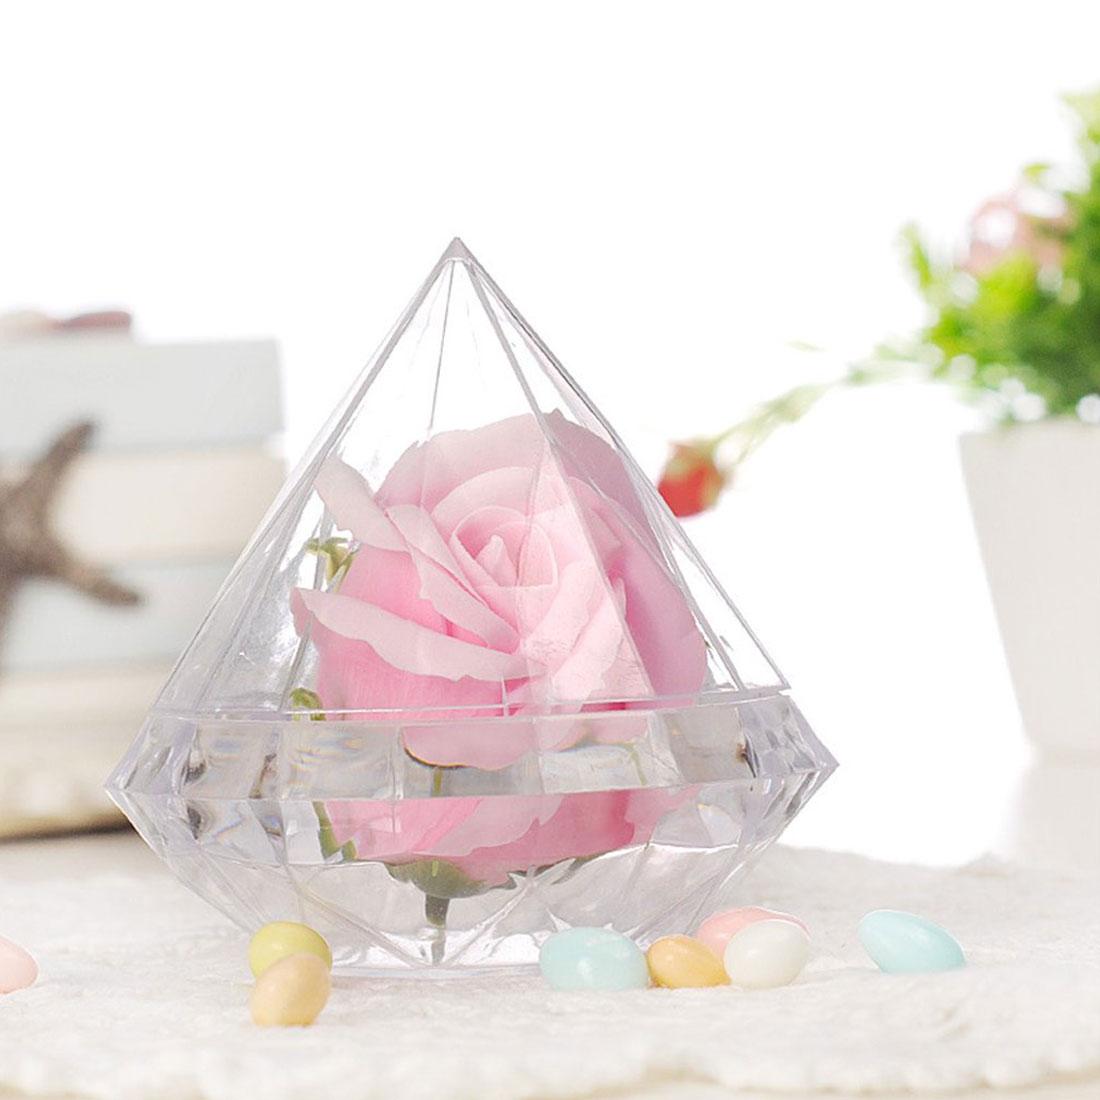 Caja de dulces transparente con forma de diamante para regalo, cajas de plástico para bombones, recuerdo de boda, fiesta, decoración del hogar